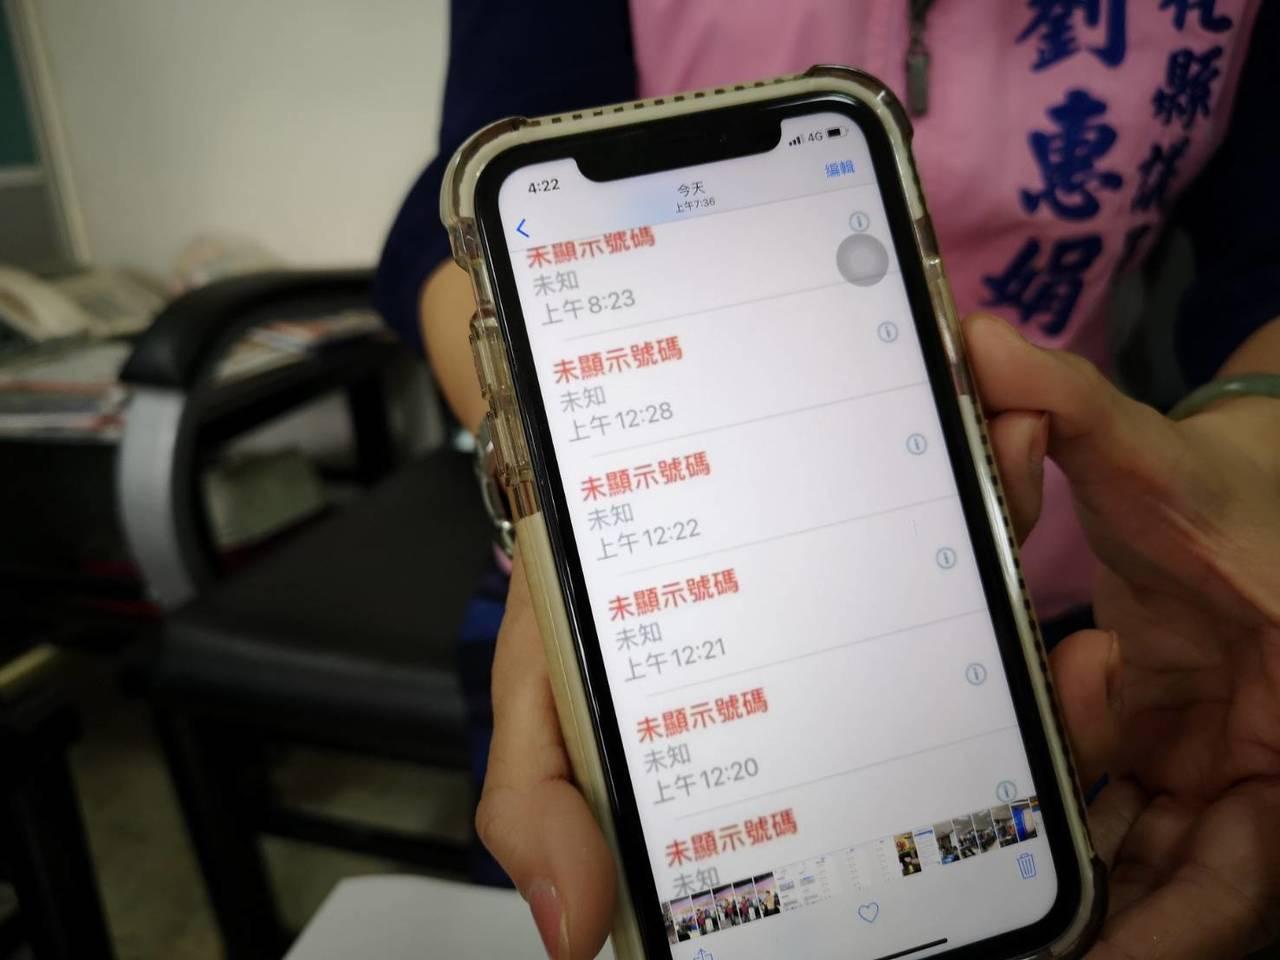 彰化縣美女縣議員劉惠娟說,她最近常在深夜一再接到不講話的「未顯示來電號碼」電話騷...